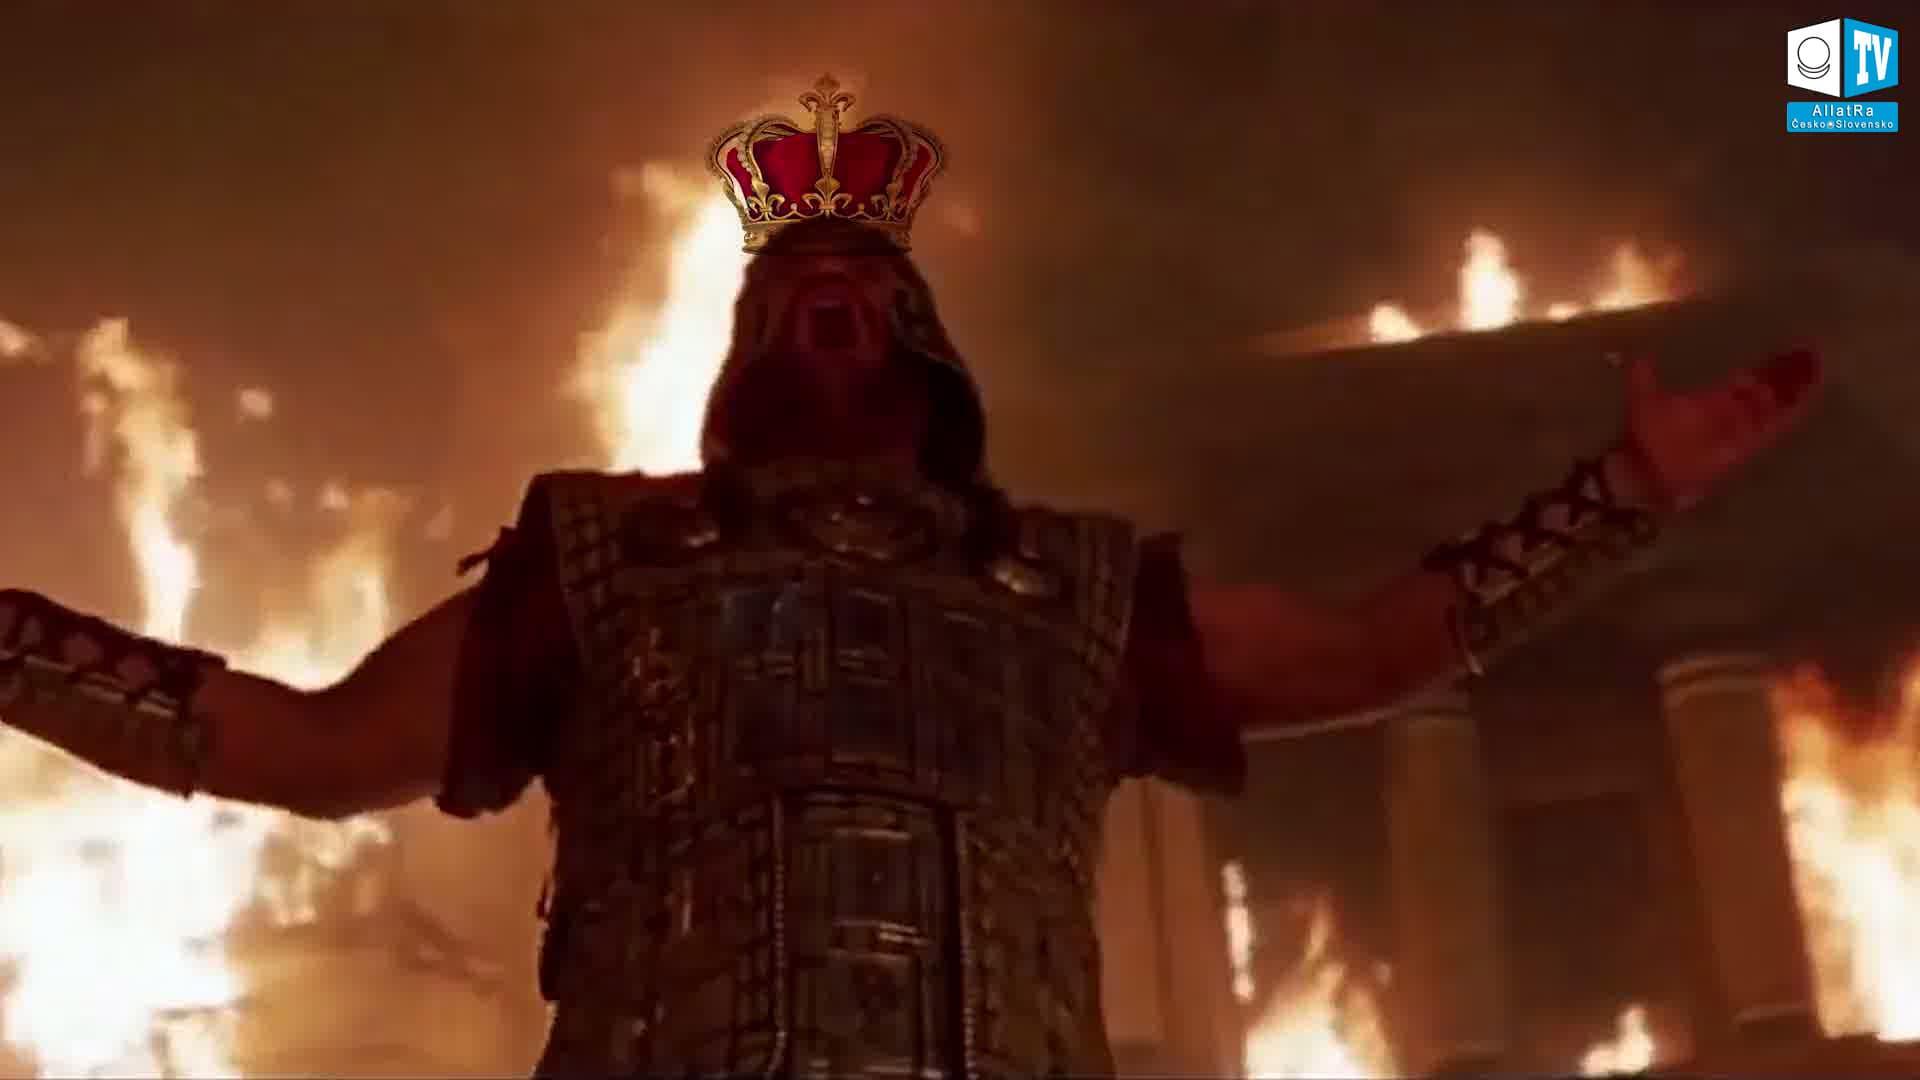 Boj o moc ve starověku. Foto